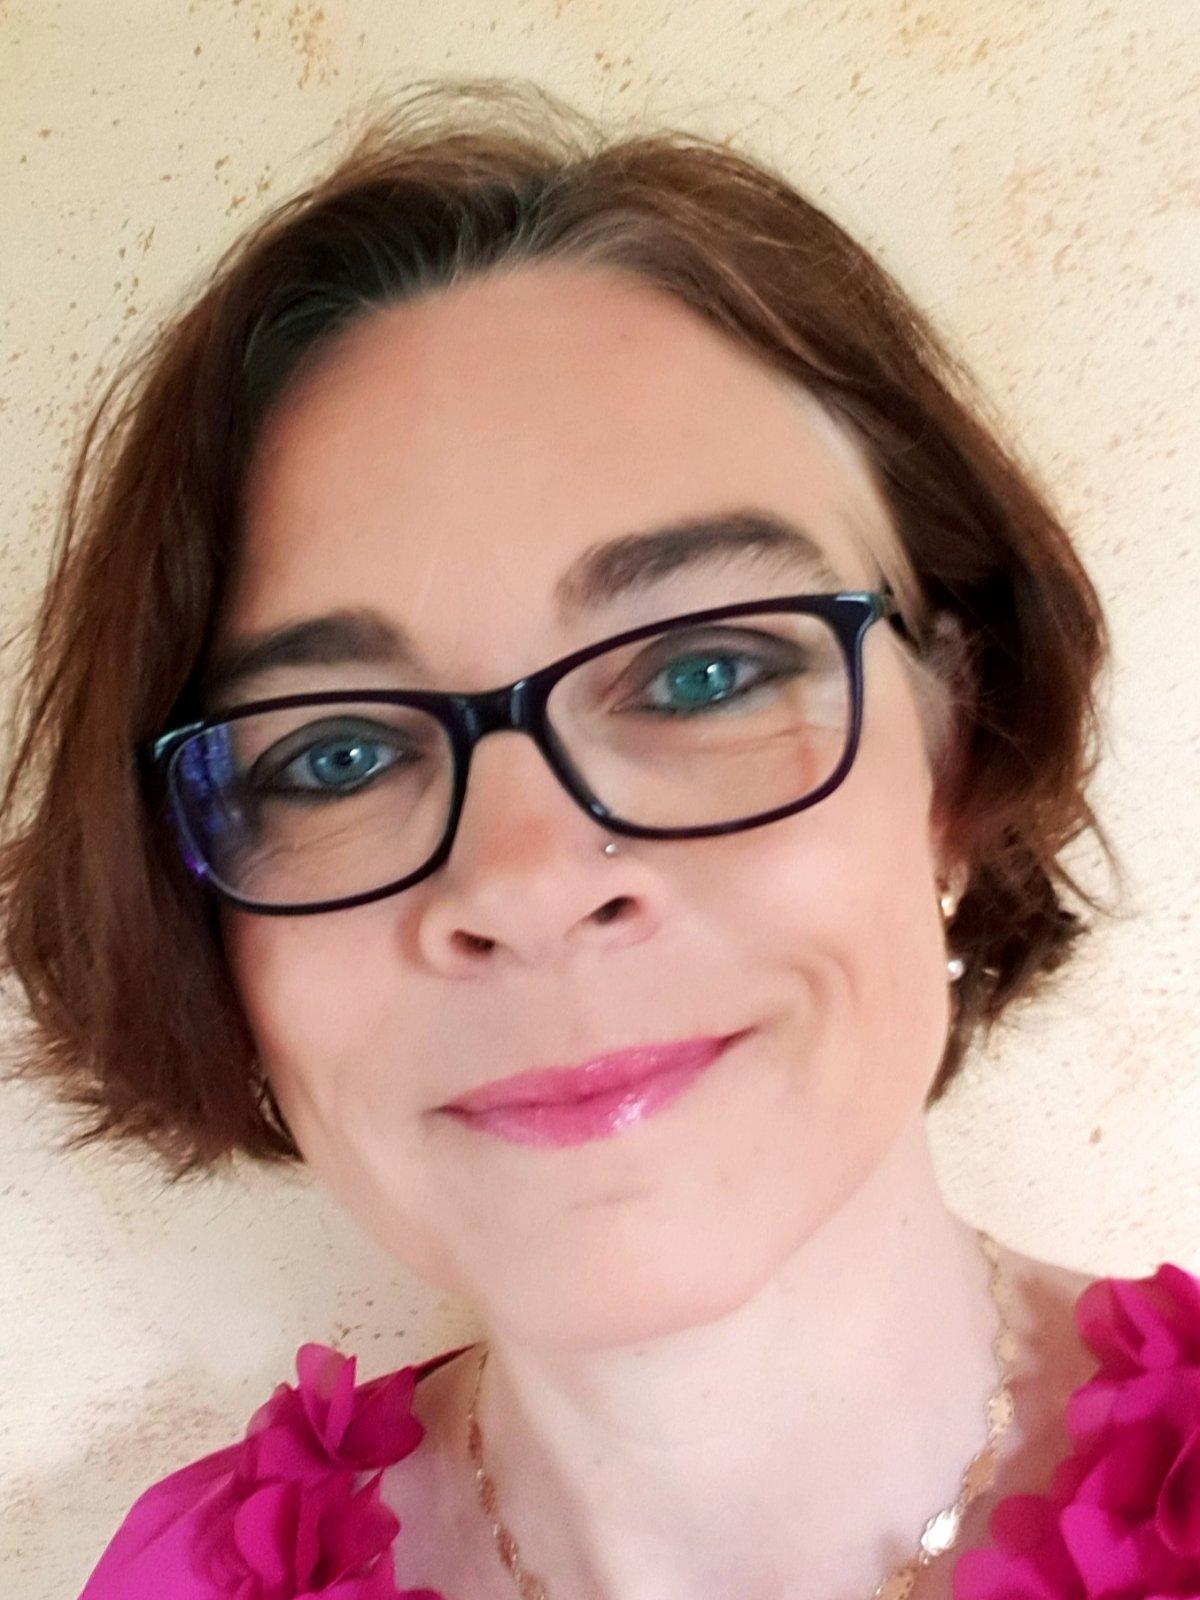 Das Foto zeigt Ursula Wirz aus Basel vor einem hellgelben Hintergrund. Sie hat kinnlange braune Haare und einen Nasenpiercing. Sie trägt eine eckige dunkle Brille und eine rosa Bluse.